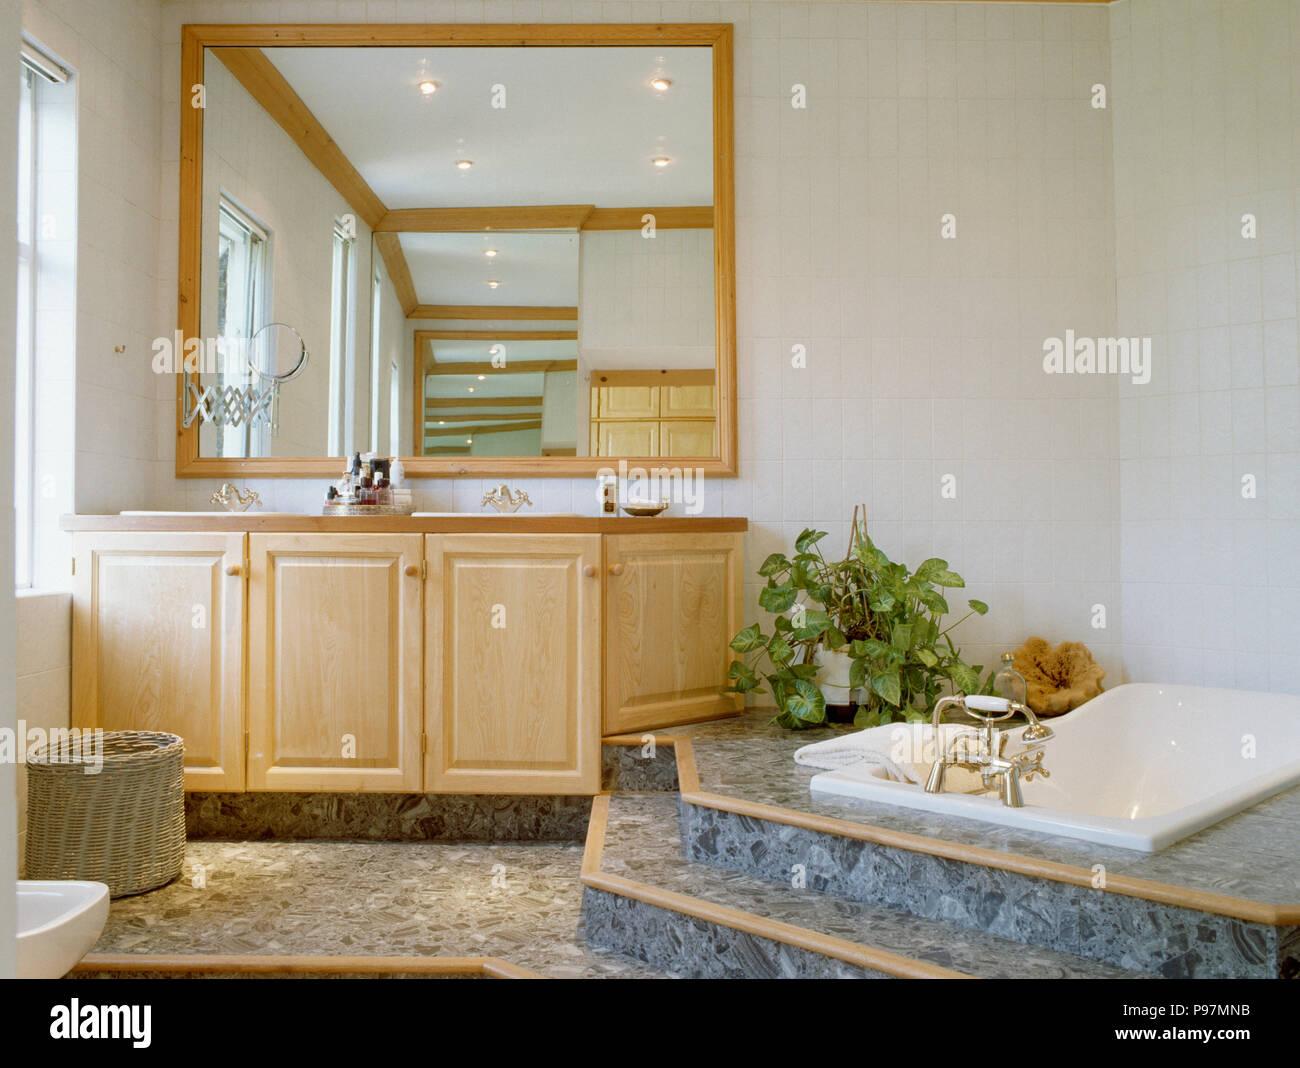 Grande specchio sopra il legno chiaro unità vanity in bagno con